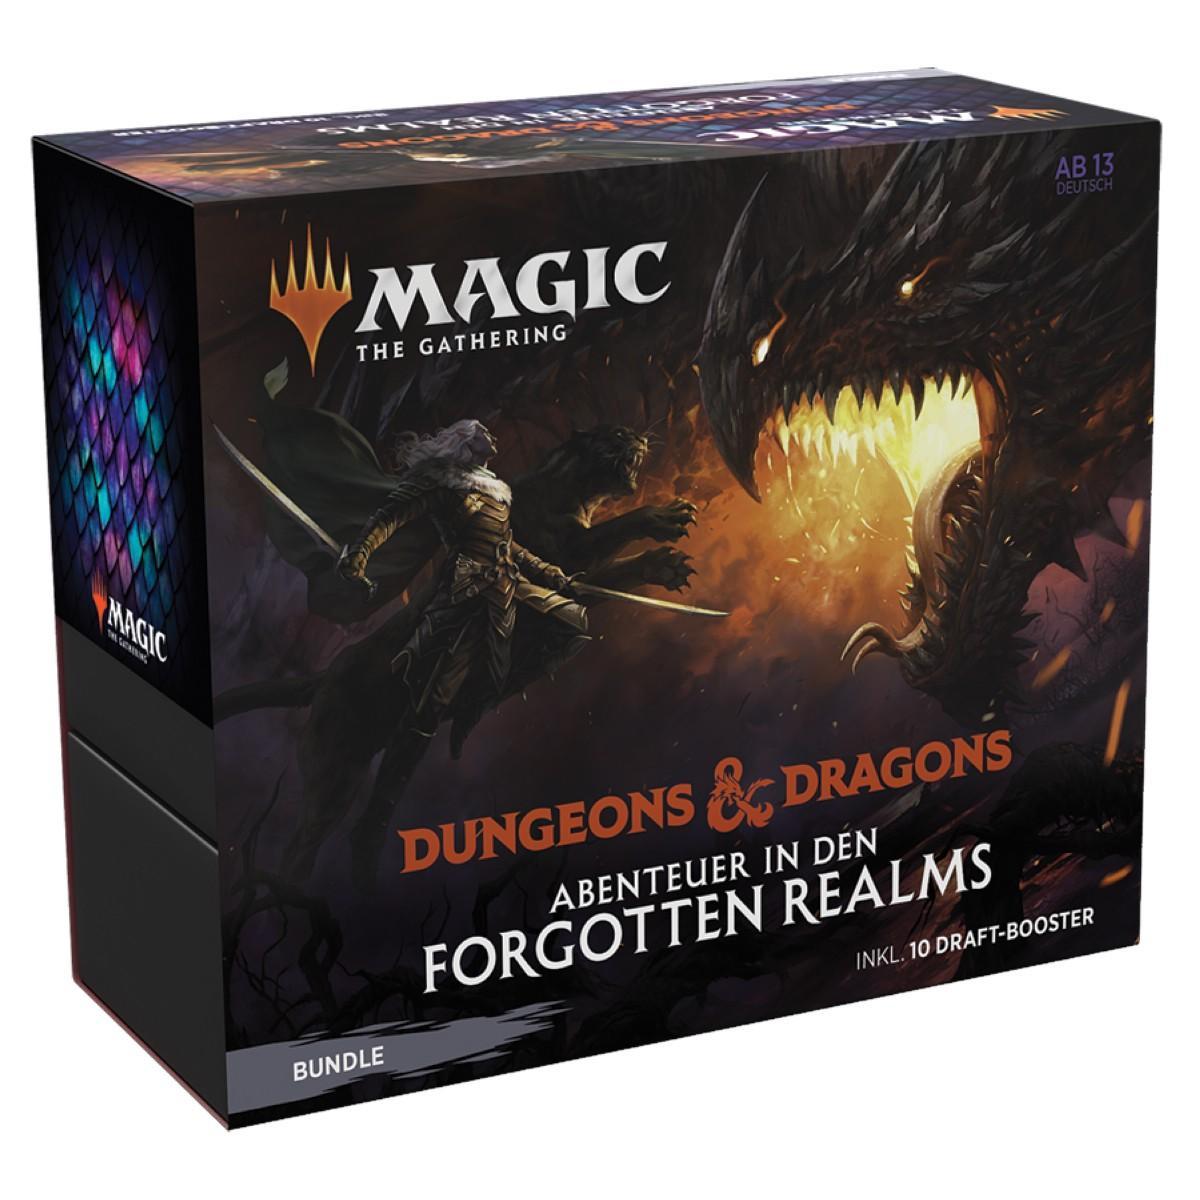 MTG Dungeons & Dragons: Abenteuer in den Forgotten Realms Set Display DE